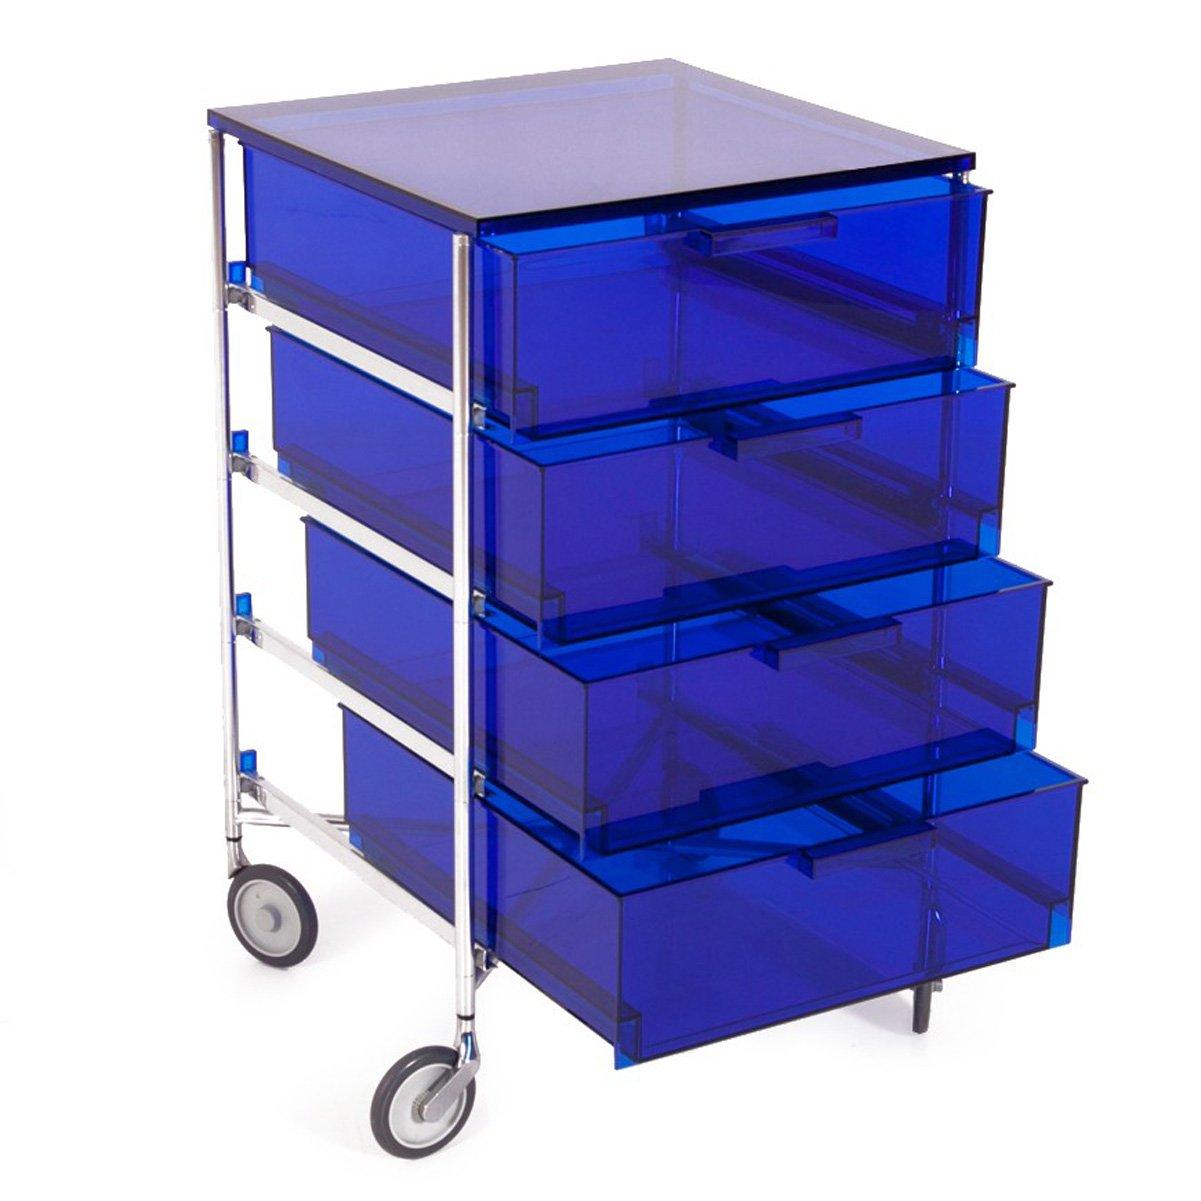 Kartell 2024L7 Container Mobil, 4 Schubladen, blau